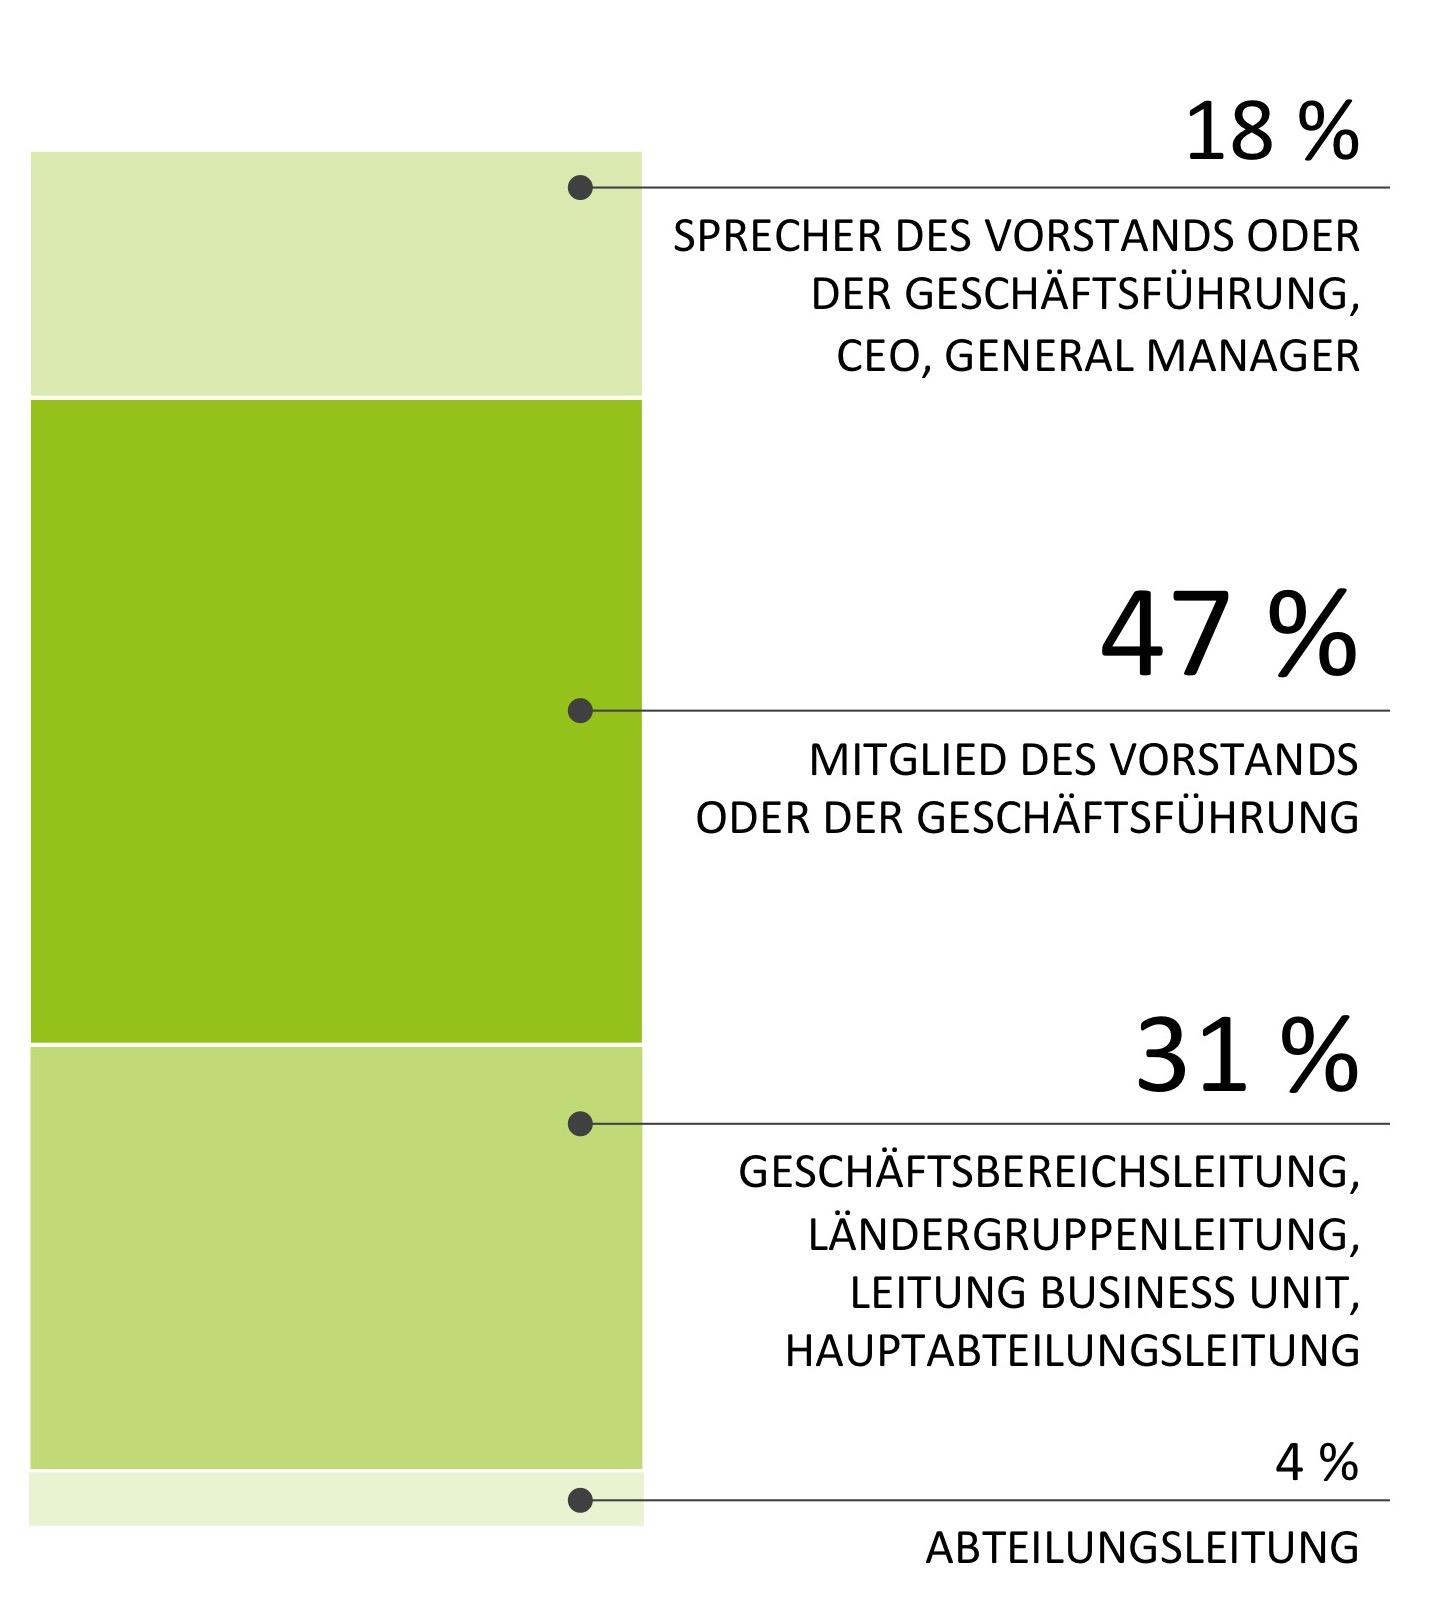 Funktionsebenen der Kunden von Vogel & Detambel